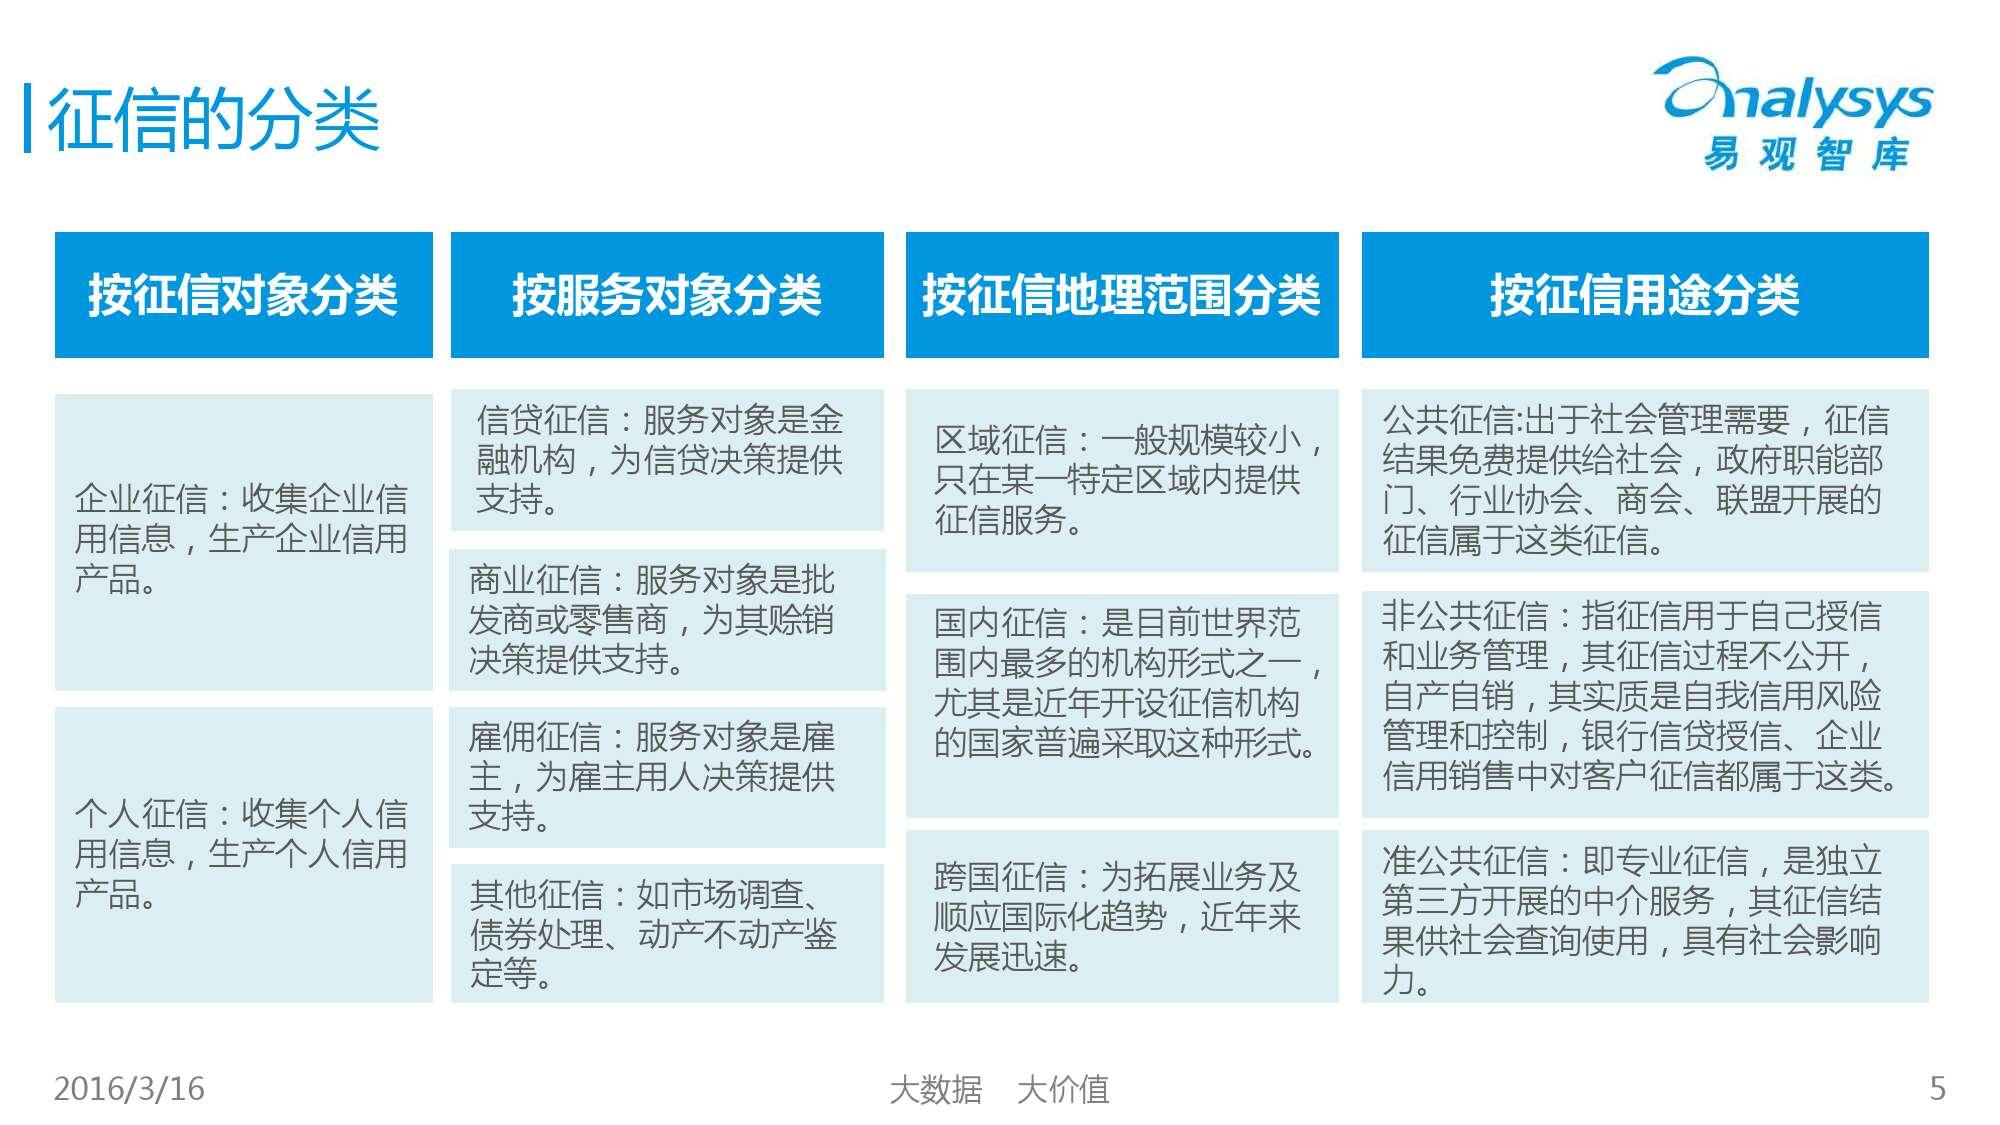 中国征信行业专题研究报告2016_000005